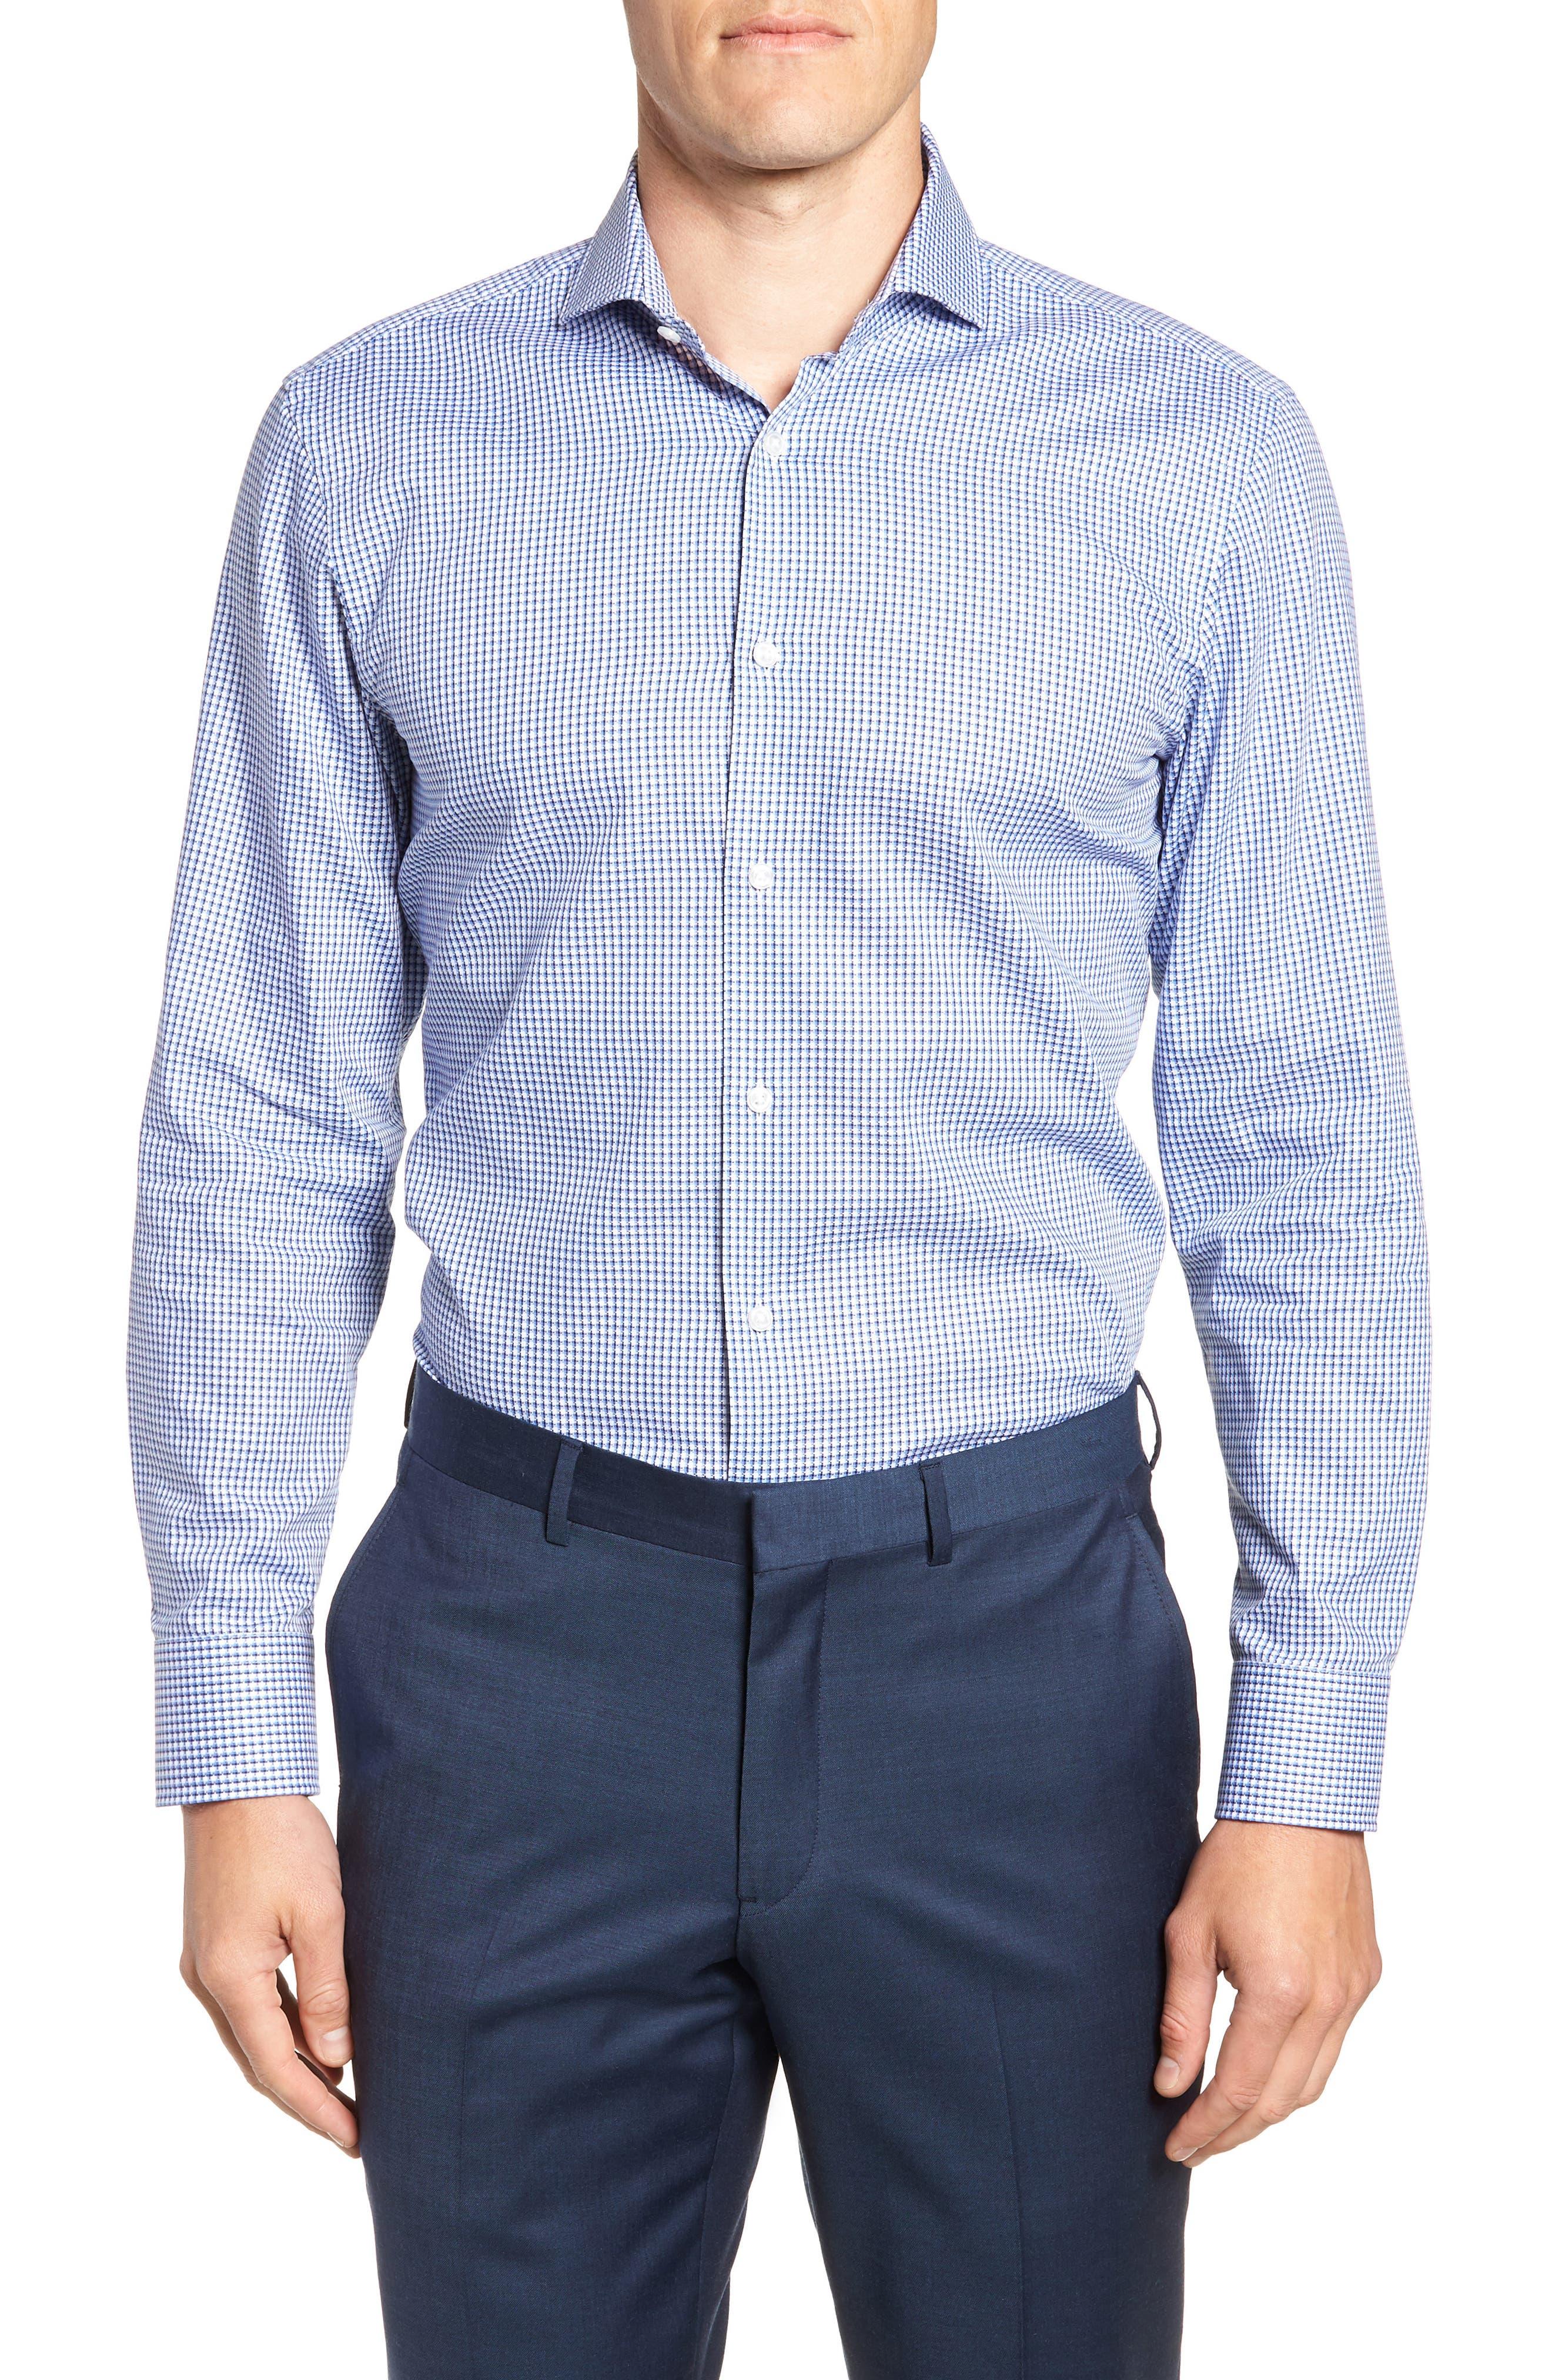 Mark Sharp Fit Check Dress Shirt,                             Main thumbnail 1, color,                             420